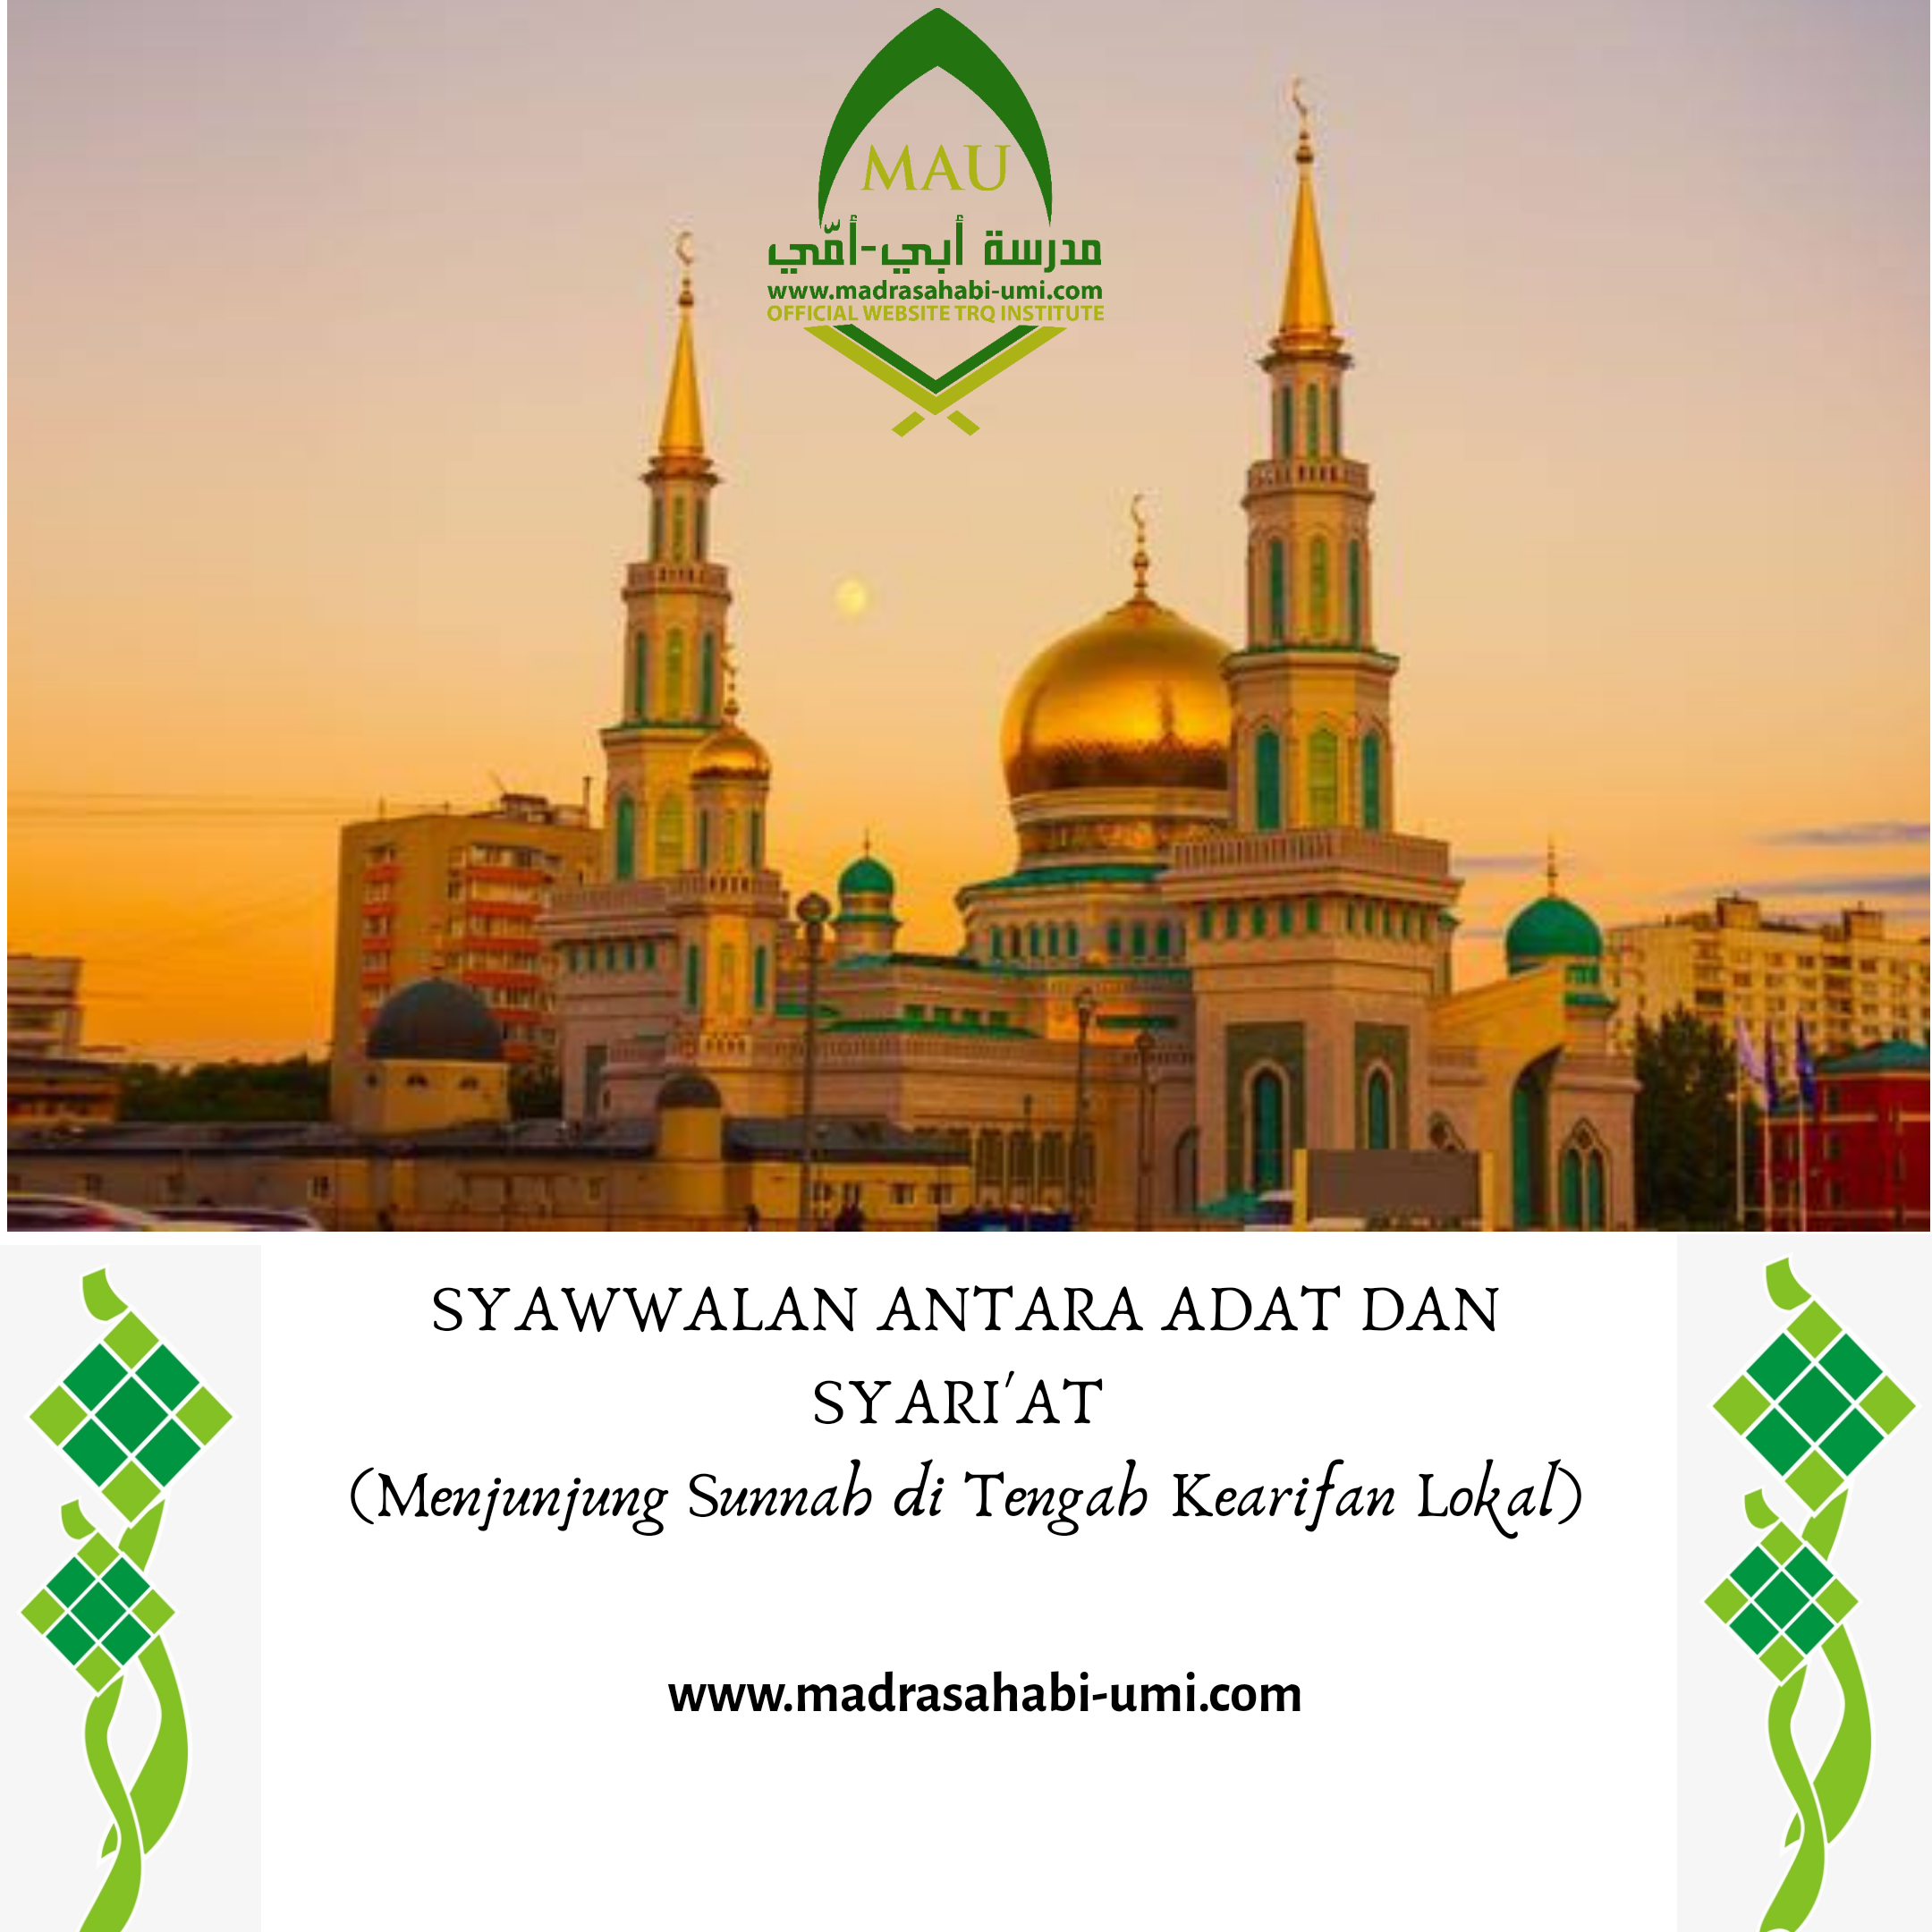 SYAWWALAN ANTARA ADAT DAN SYARI'AT (Menjunjung Sunnah di Tengah Kearifan Lokal)